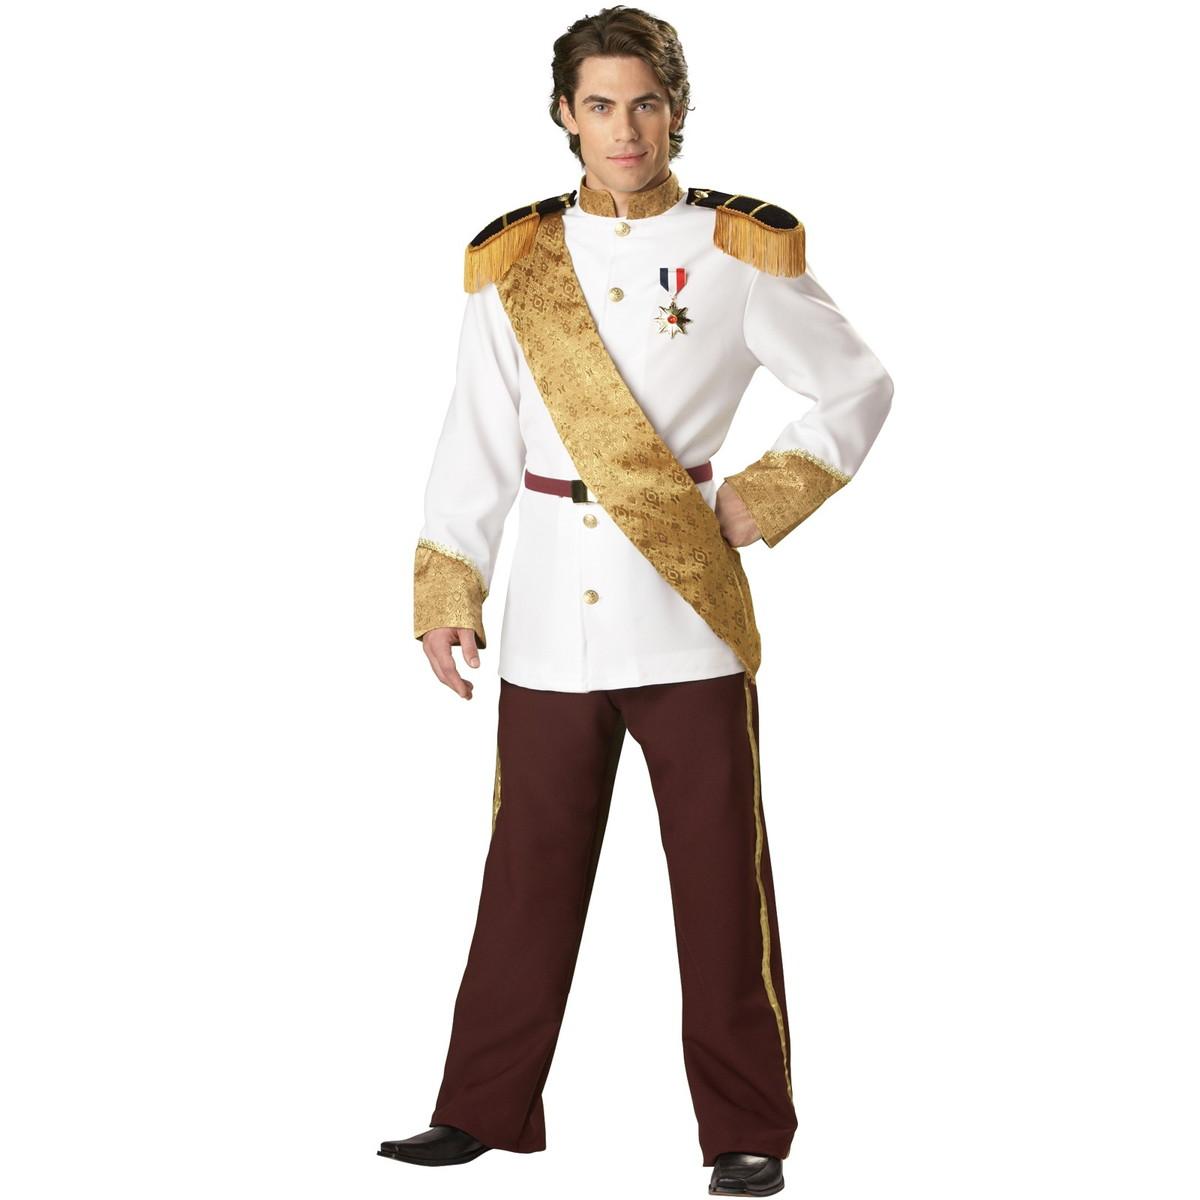 ハロウィン シンデレラ プリンス・チャーミング コスプレ ディズニー 大人 男性 王子様 衣装 コスチューム 仮装 制服 貴族 白 ドレス